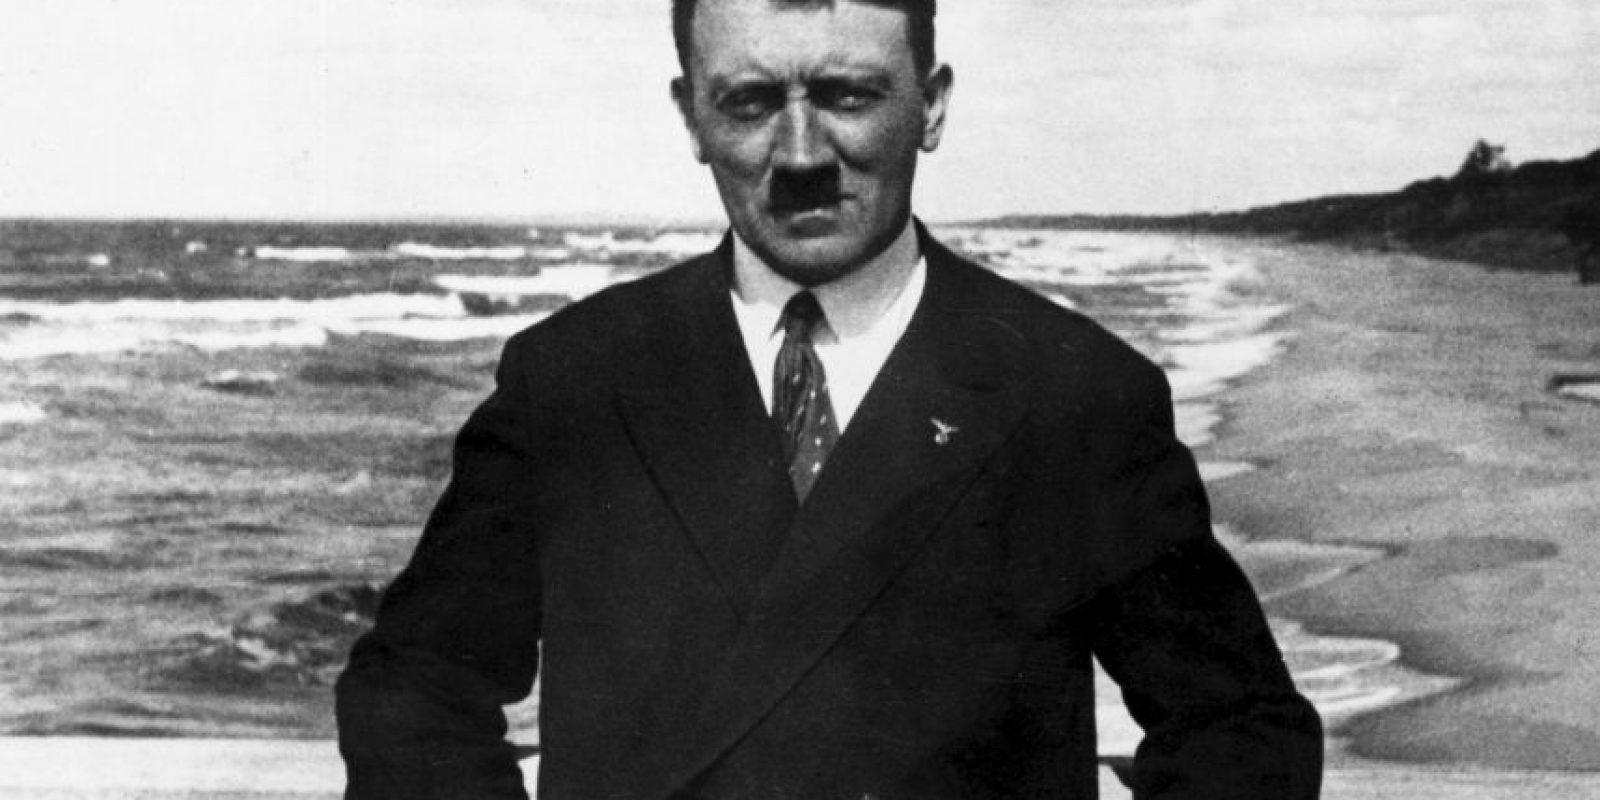 Adolf Hitler, fue el líder (Führer) y canciller de Alemania entre 1933 y 1945. Foto:Getty Images